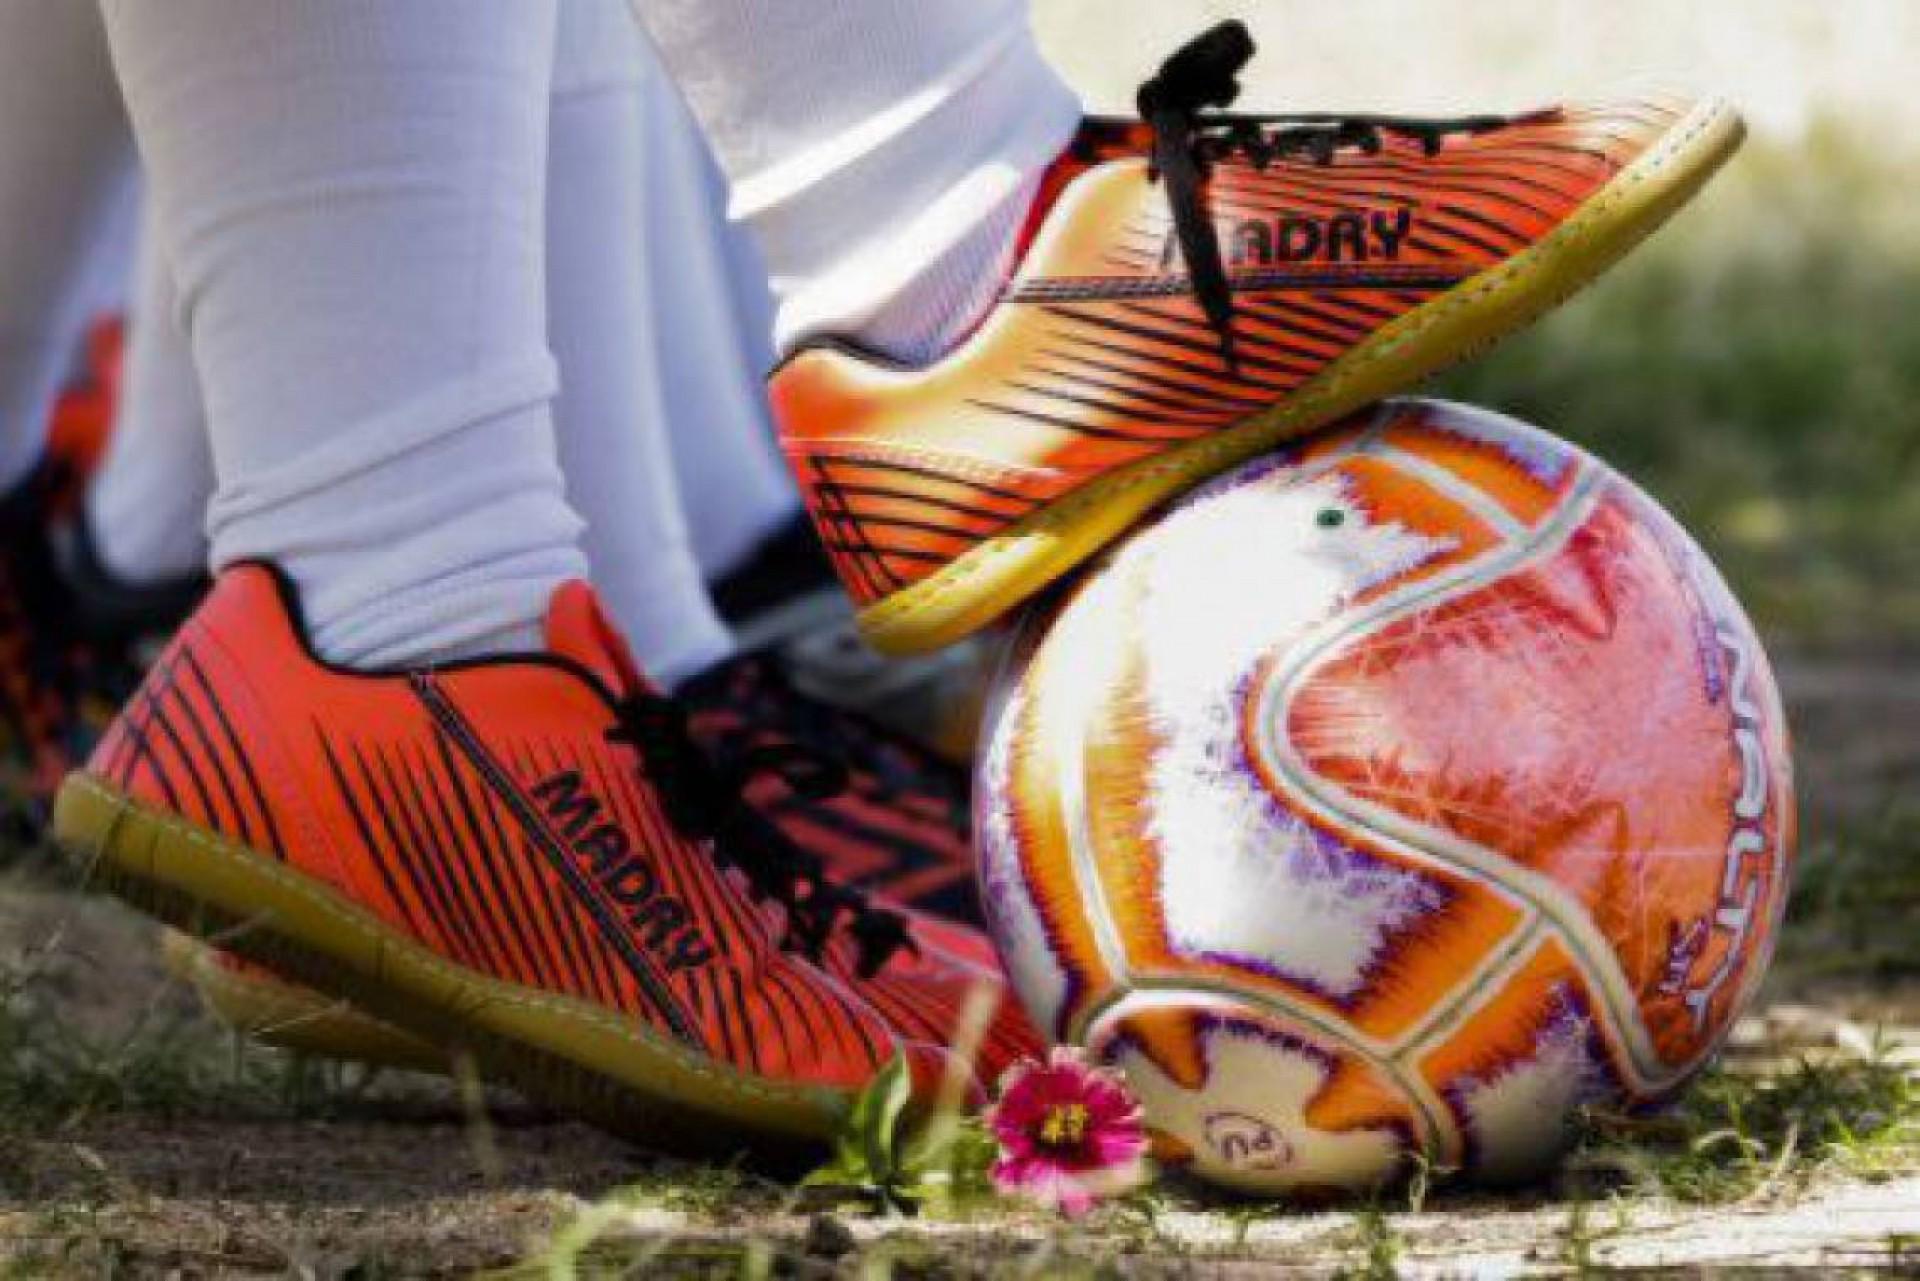 Confira Os Jogos De Futebol Na Tv Hoje Quarta Feira 9 De Setembro 09 09 Futebol Esportes O Povo